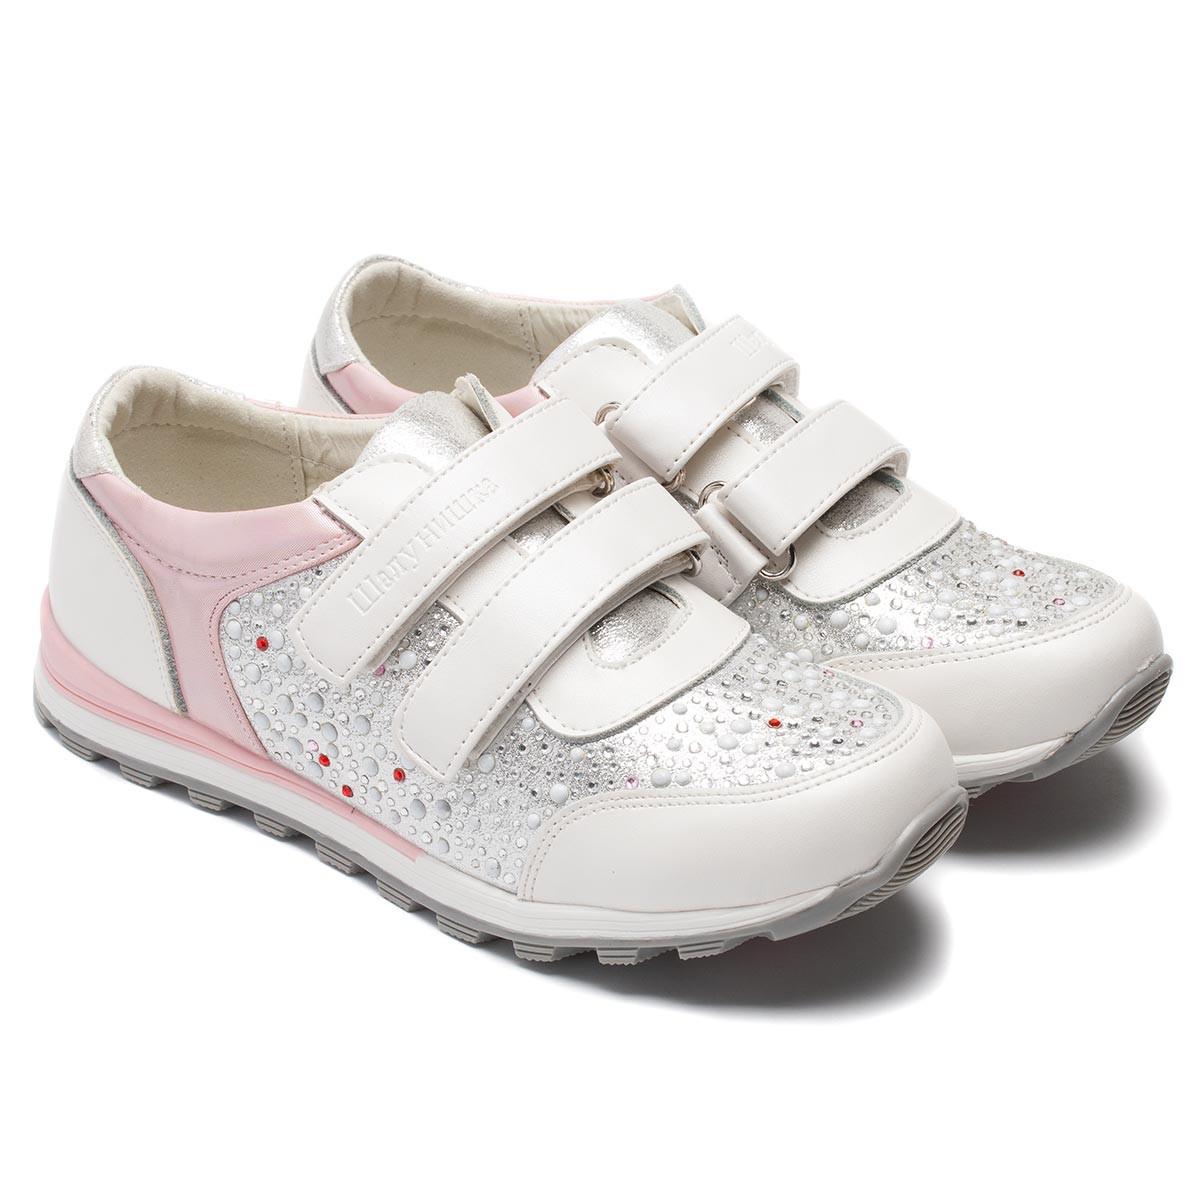 Спортивная обувь для девочки, Шалунишка Ортопед размер 37